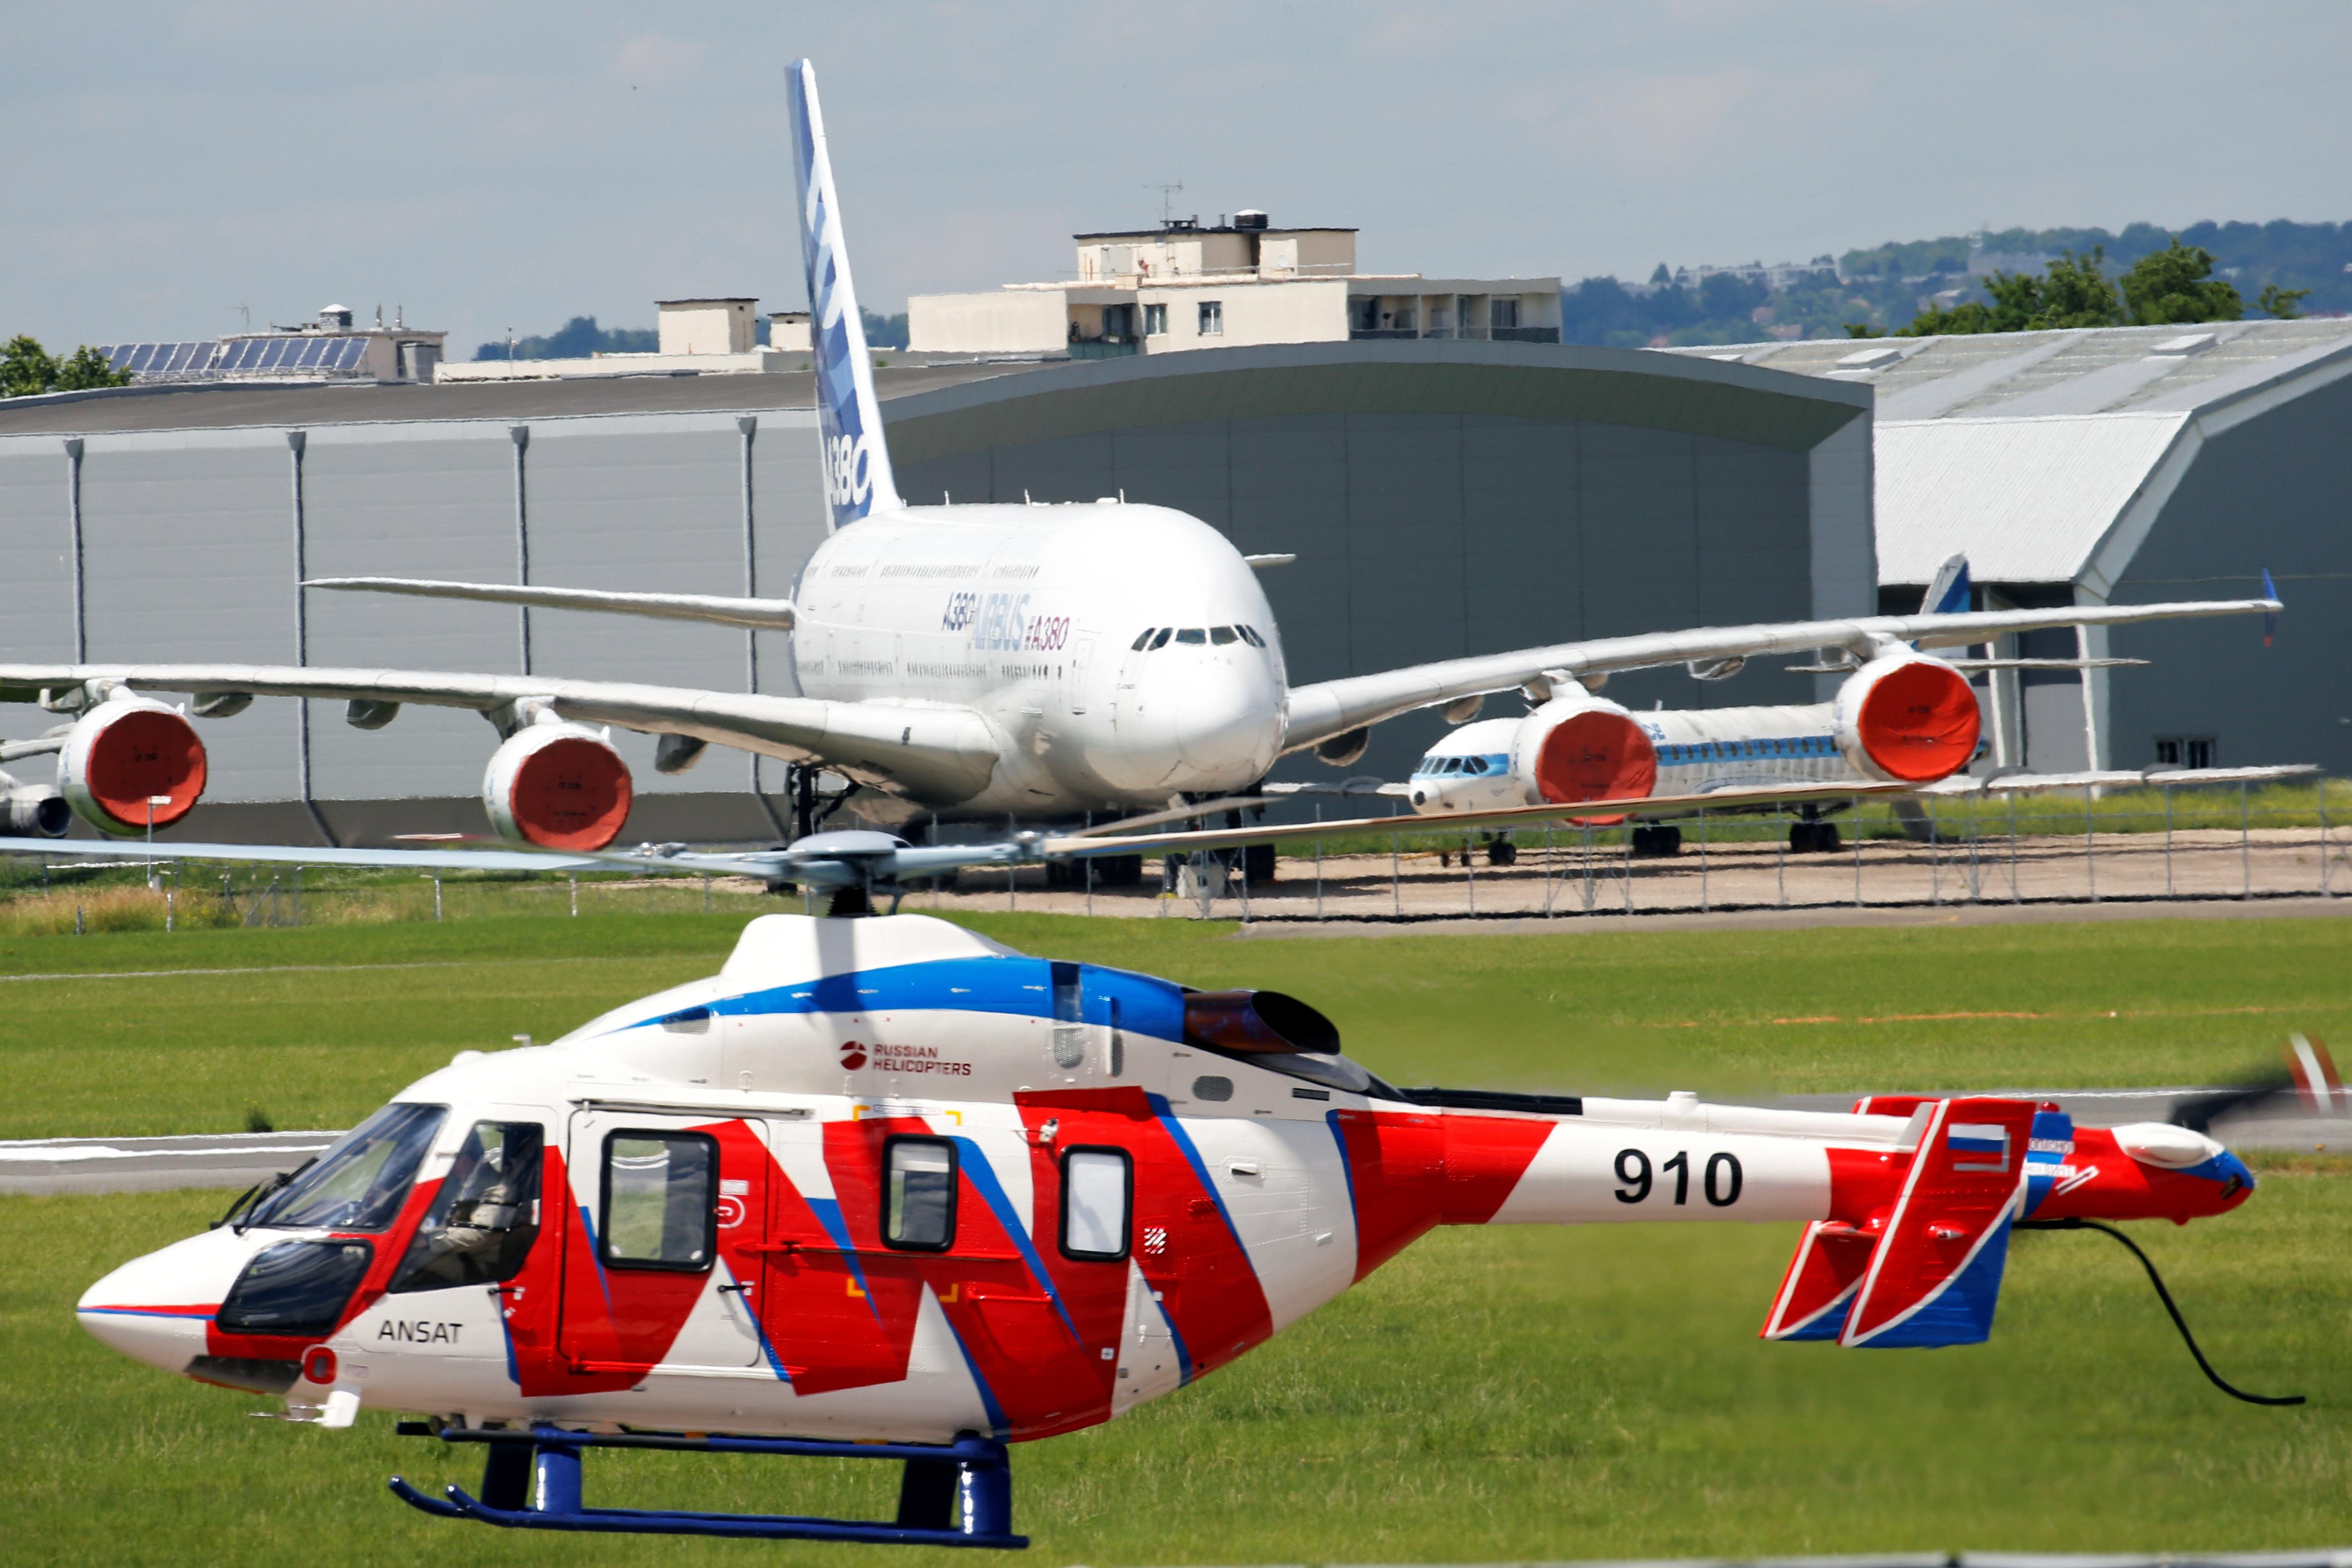 Đã mắt với với dàn máy bay khủng tại triển lãm hàng không lớn nhất thế giới - 13